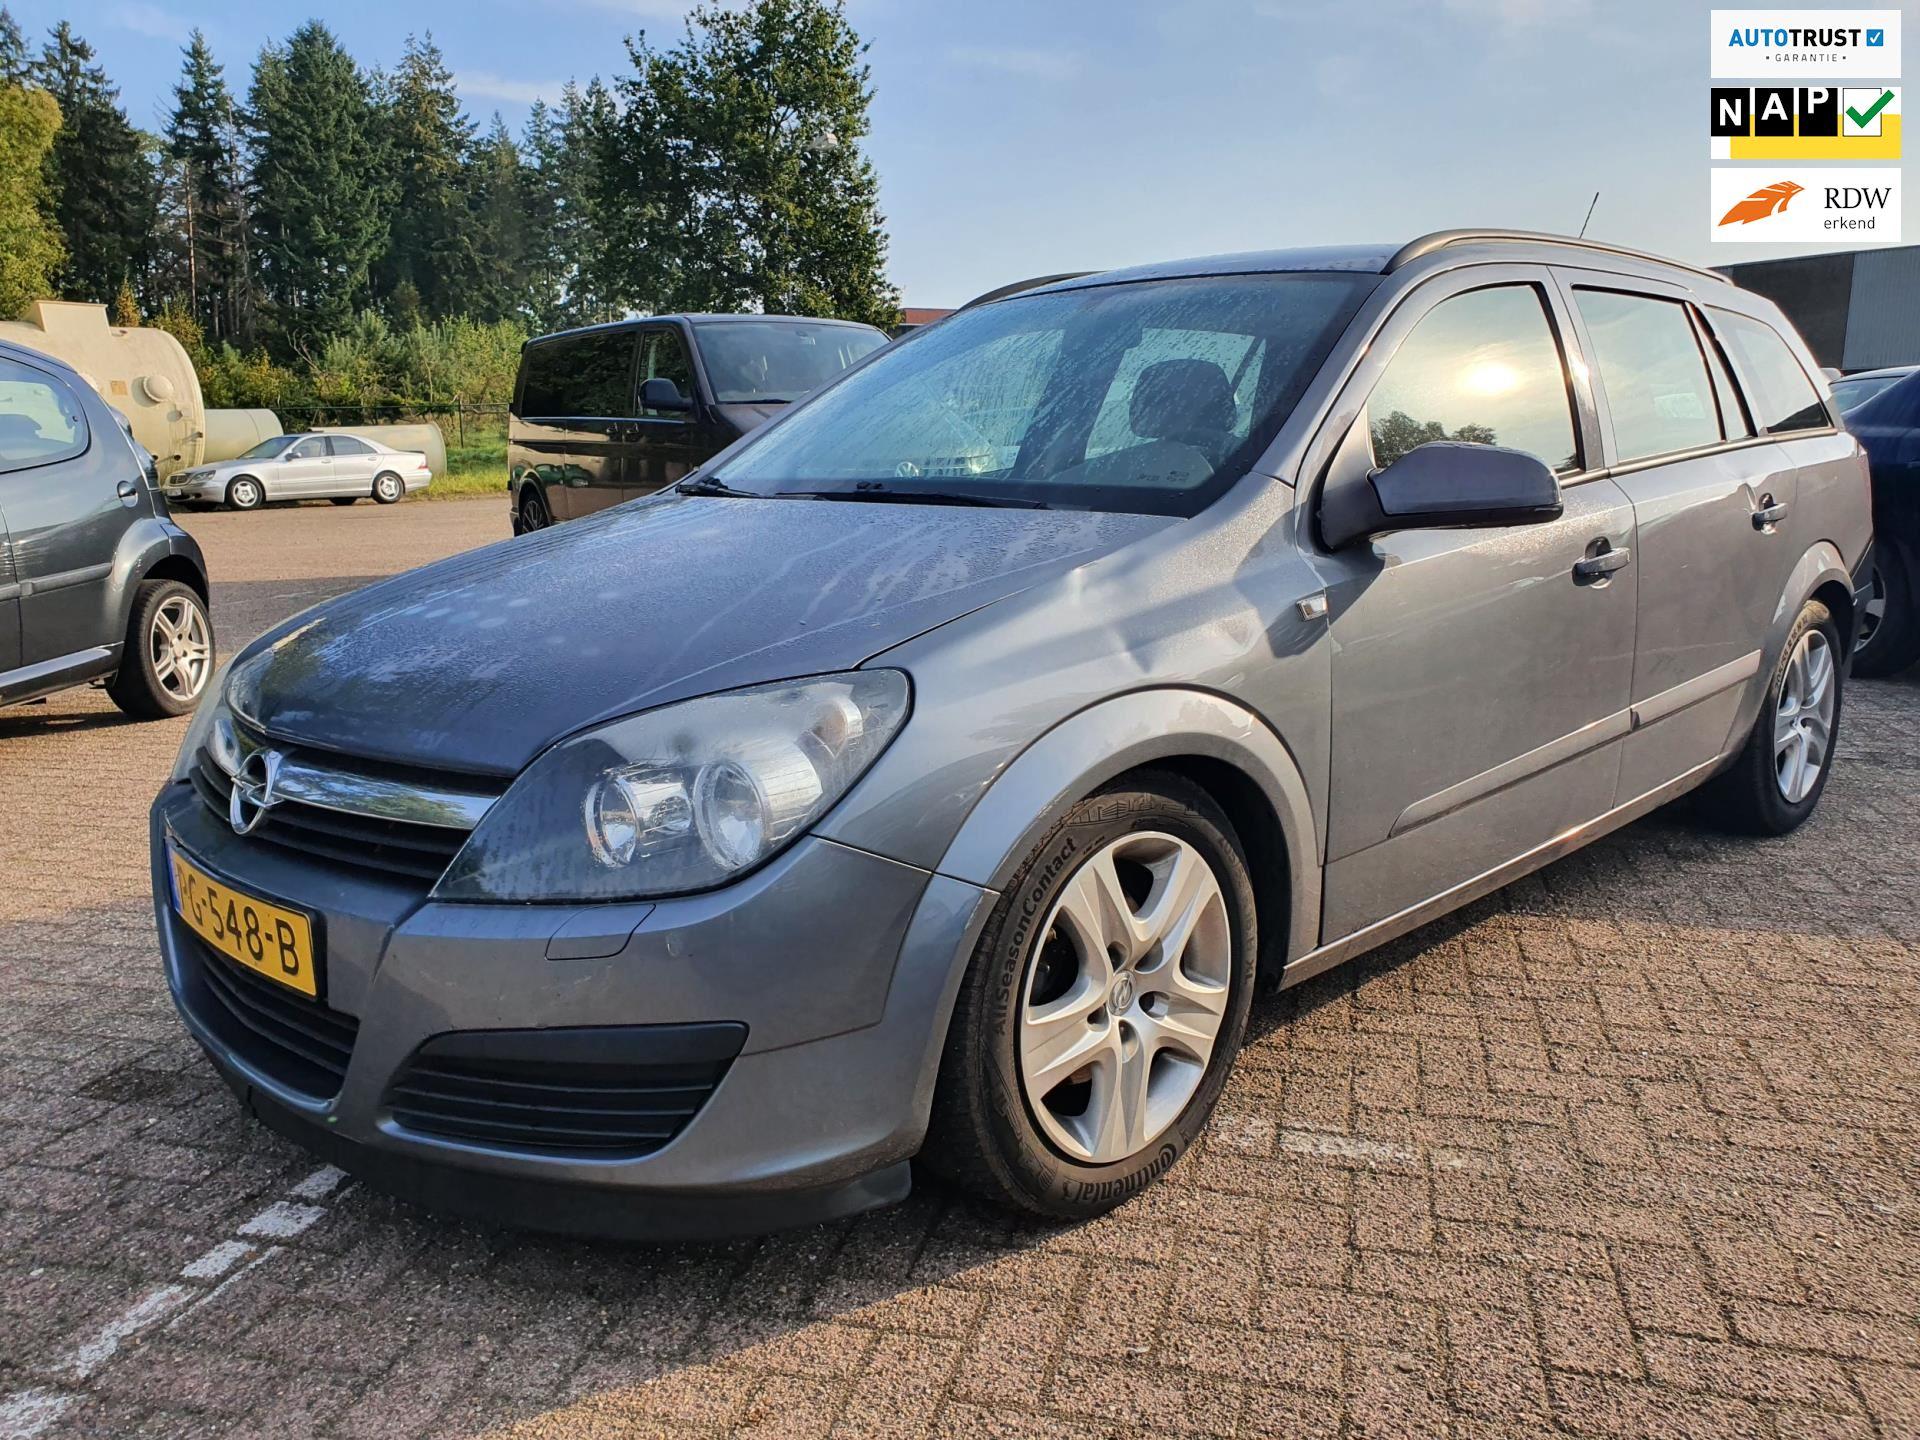 Opel Astra Wagon occasion - Andreas Auto's